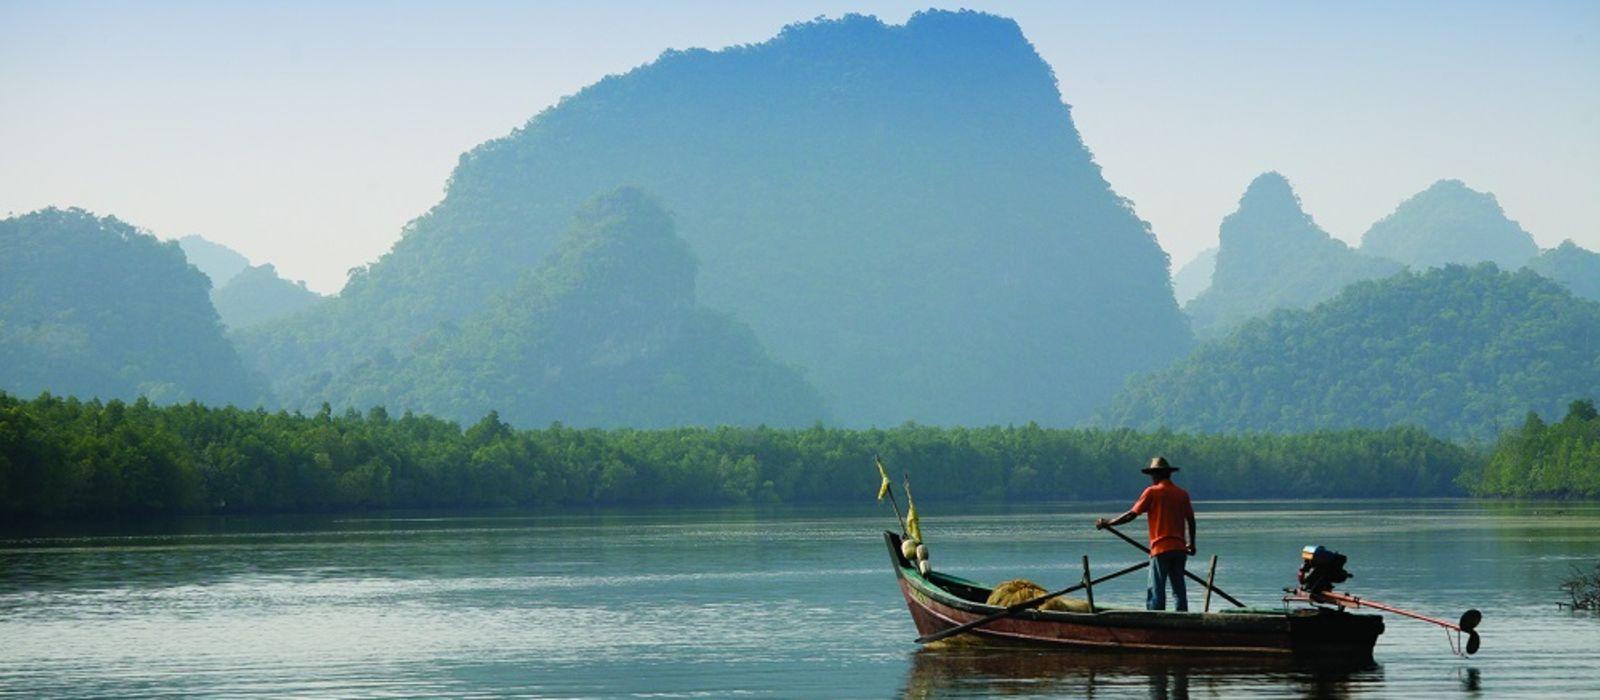 Enchanting Travels Malaysia Tours Langkawi Hotels Four Seasons Langkawi LAN_016 (2)